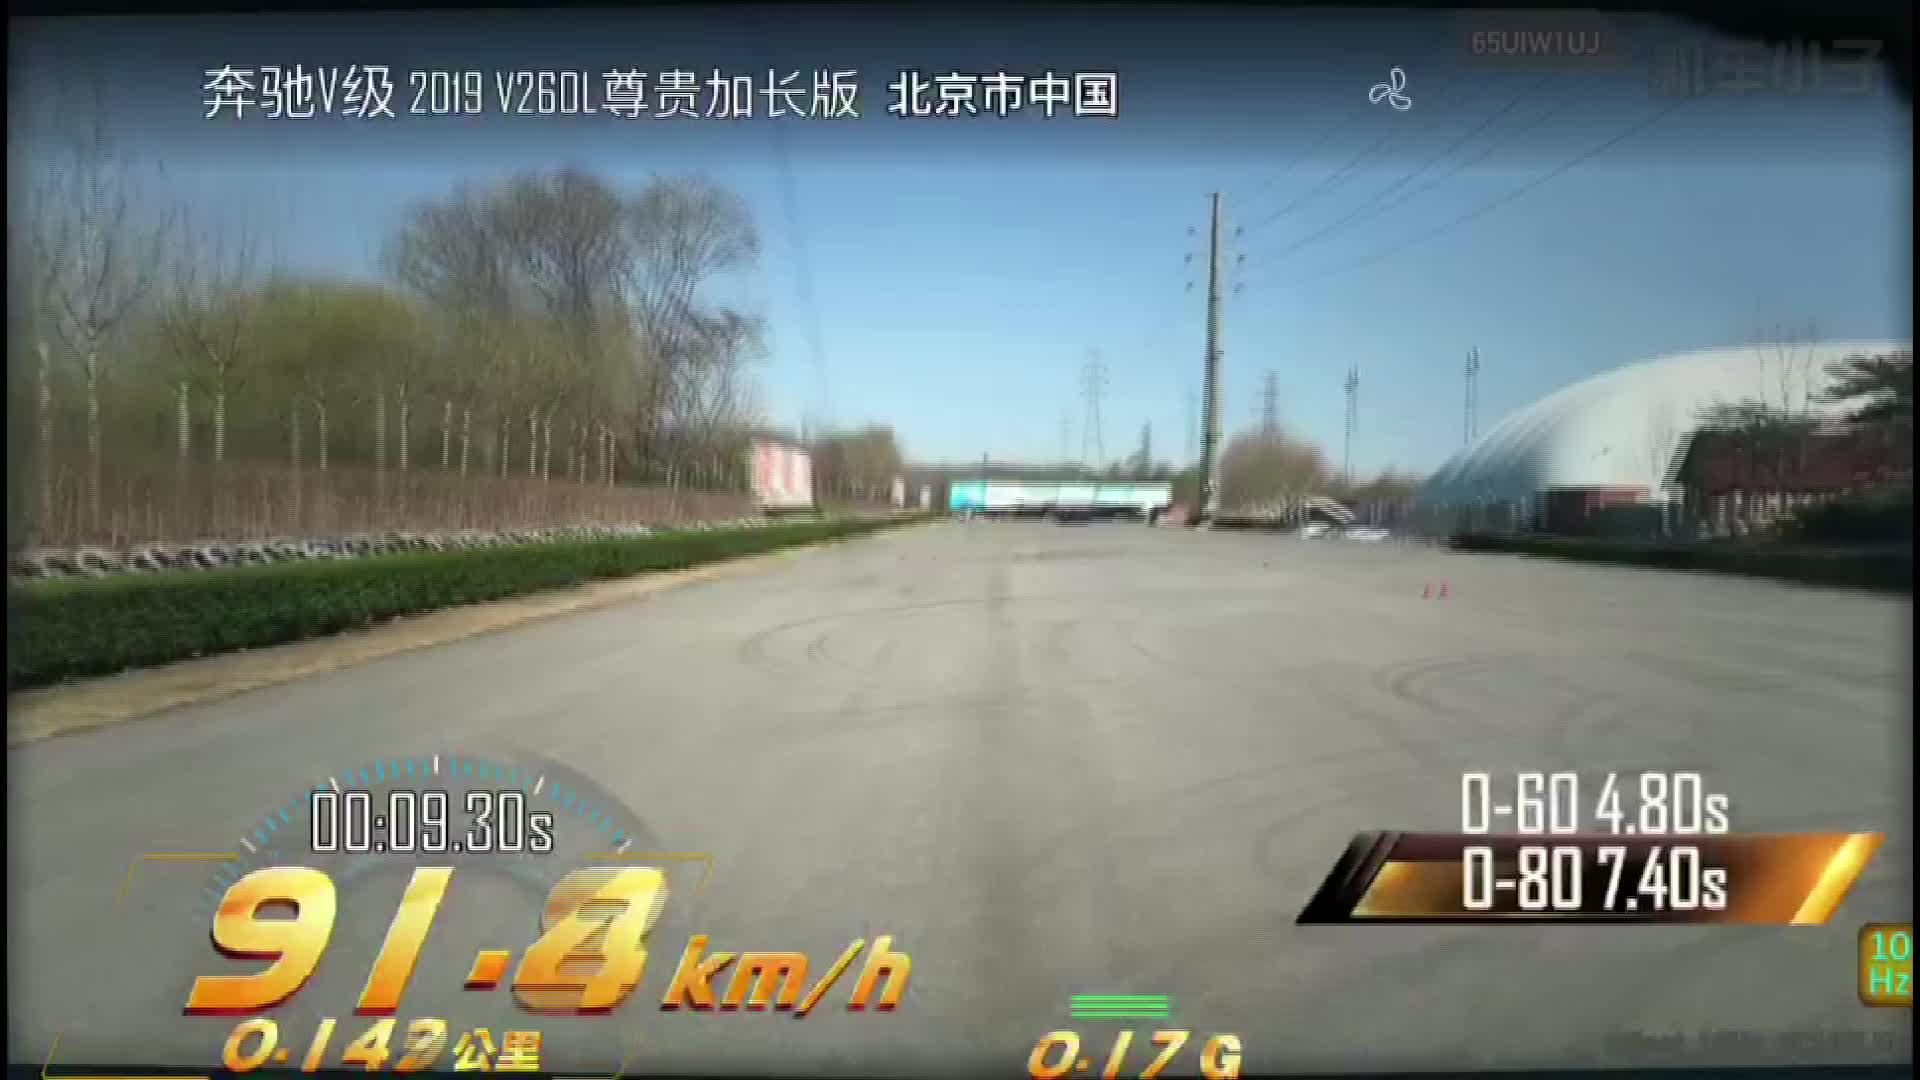 2018款 奔驰V260L 尊贵加长版 加速10.9秒